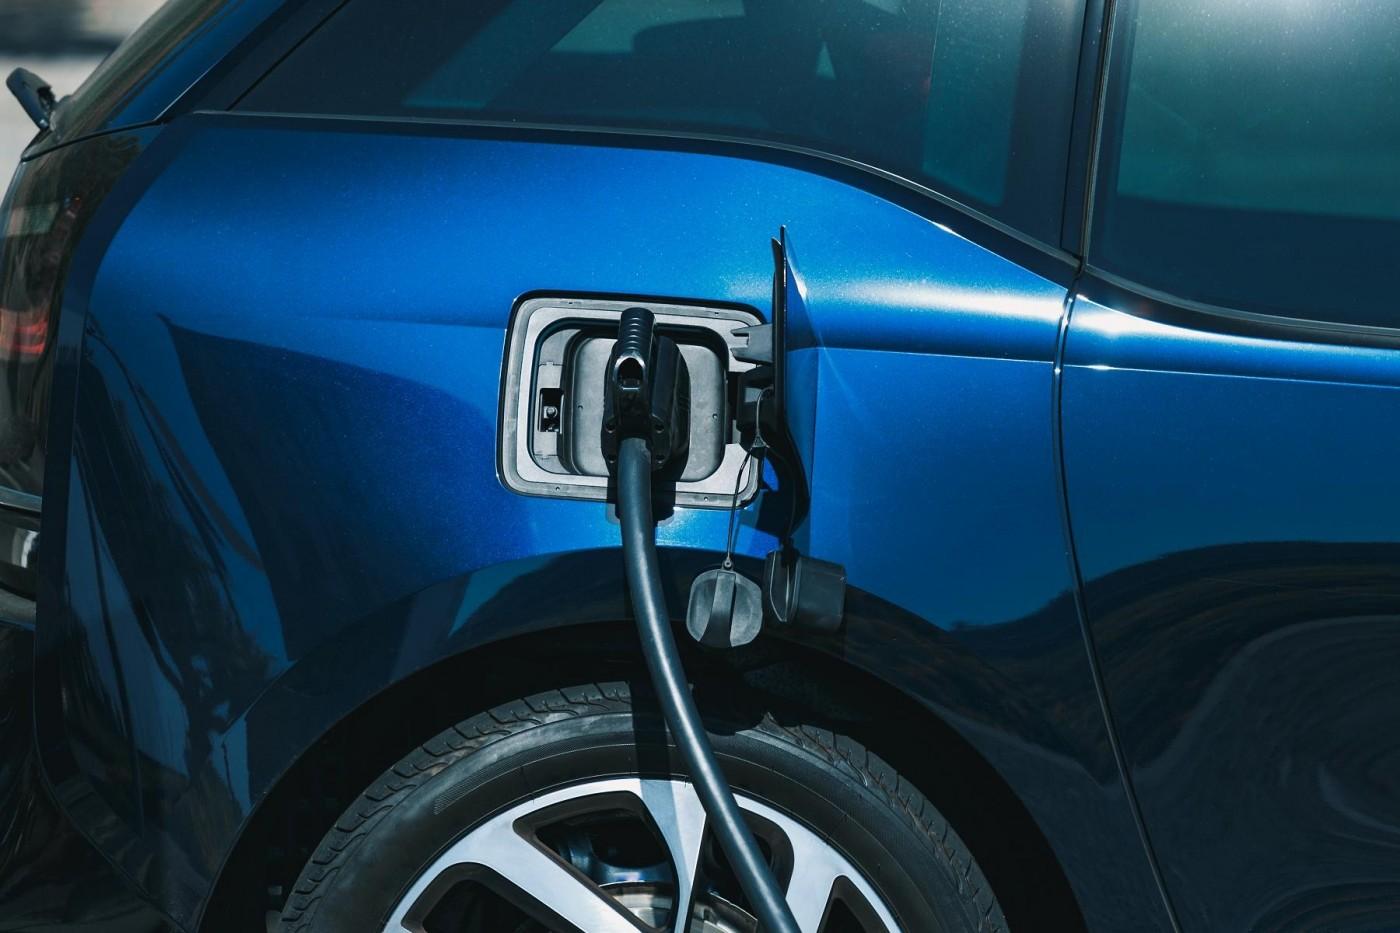 區塊鏈結合能源正夯,奧地利電力公司打入電動車充電市場